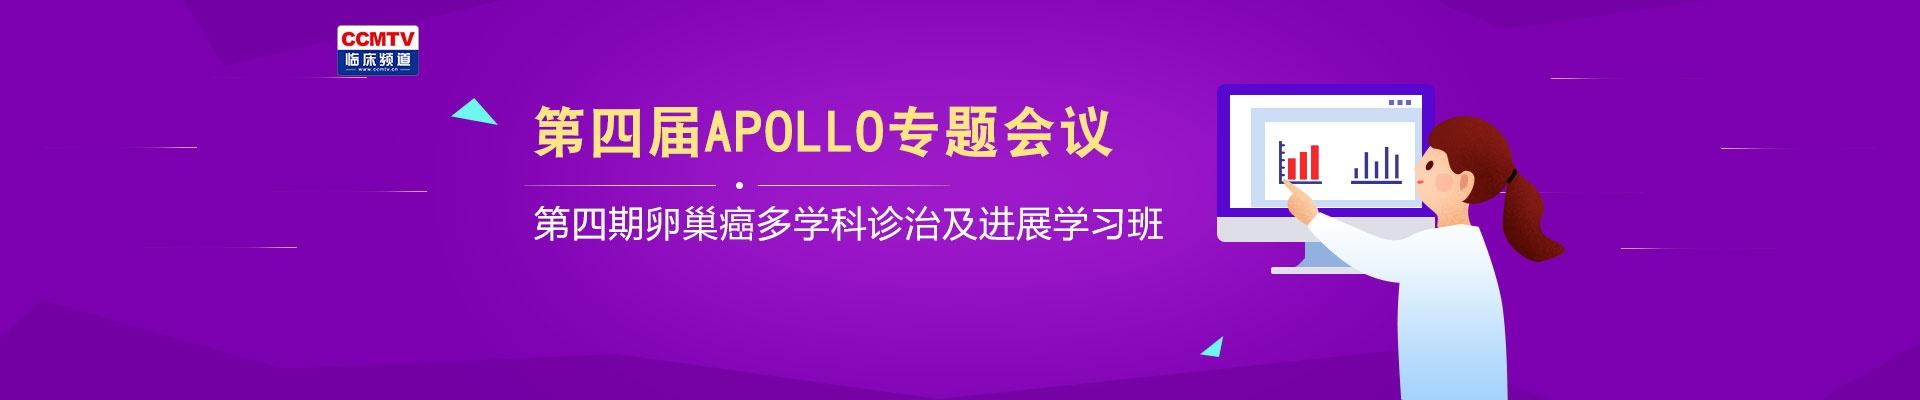 第四屆APOLLO專題會議第四期卵巢癌多學科診治及進展學習班